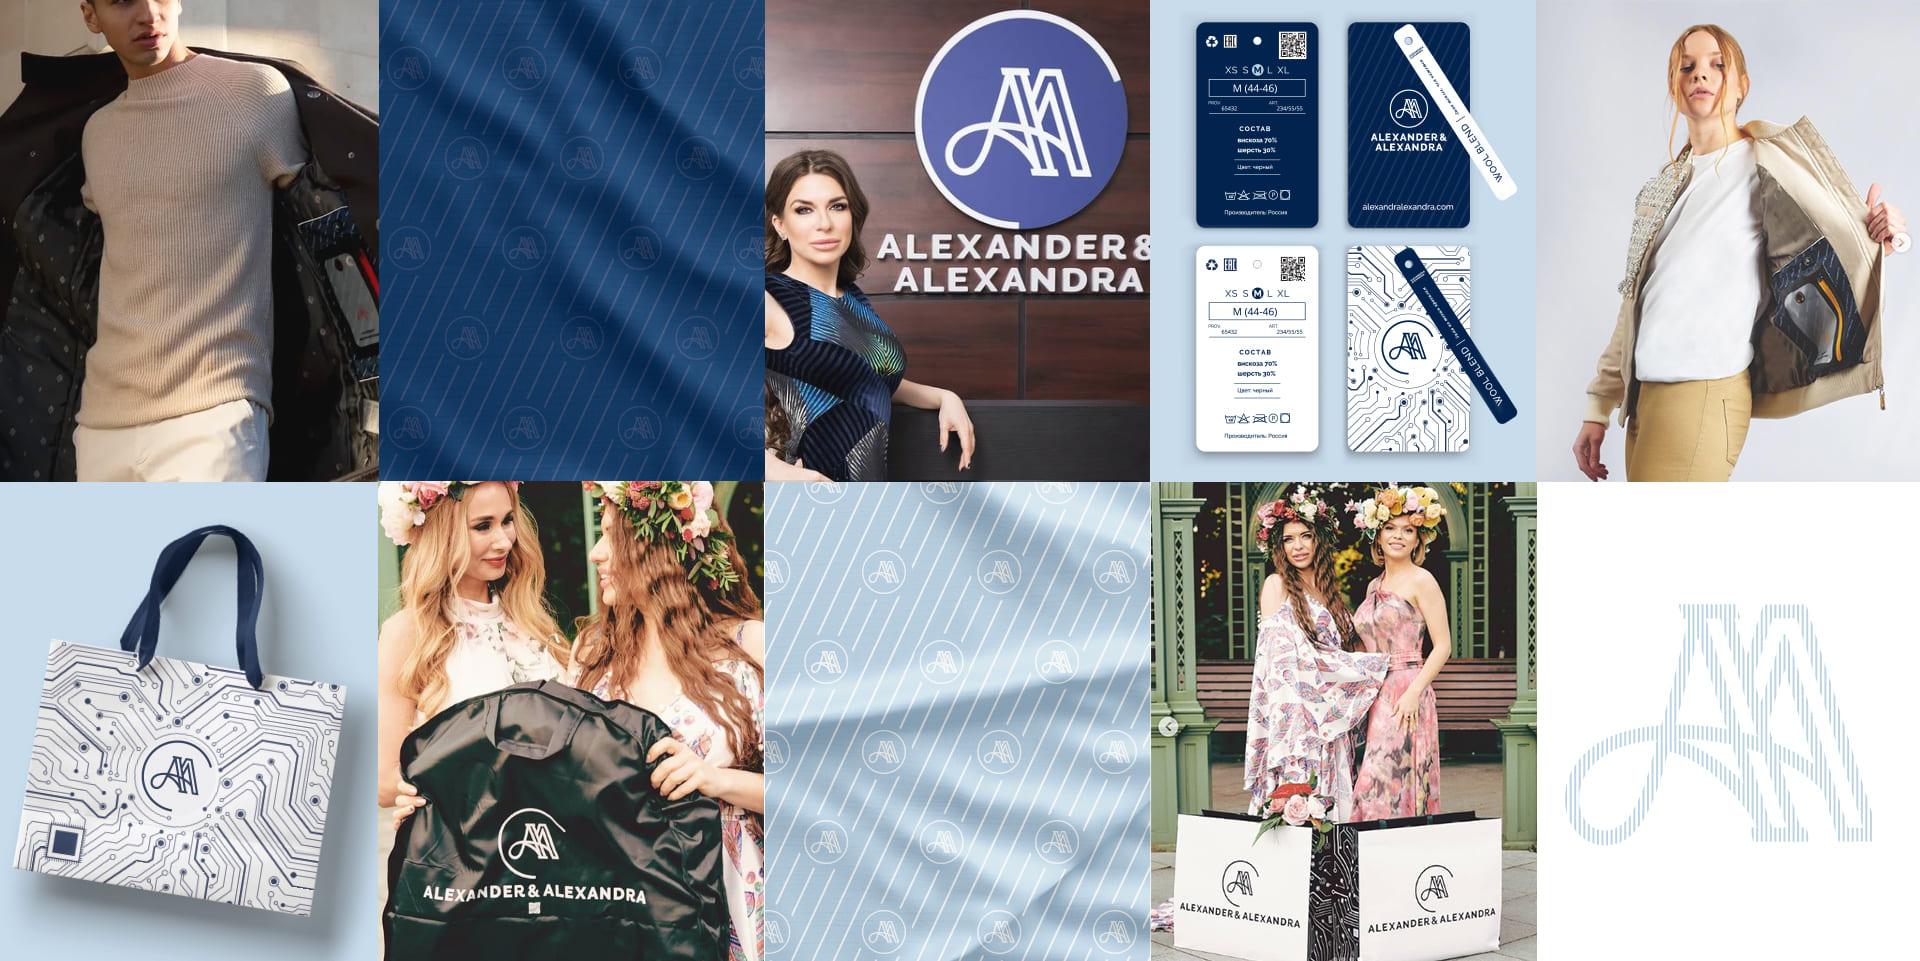 Создание бренда одежды. Платформа бренда, легенда, фирменный стиль в одежде